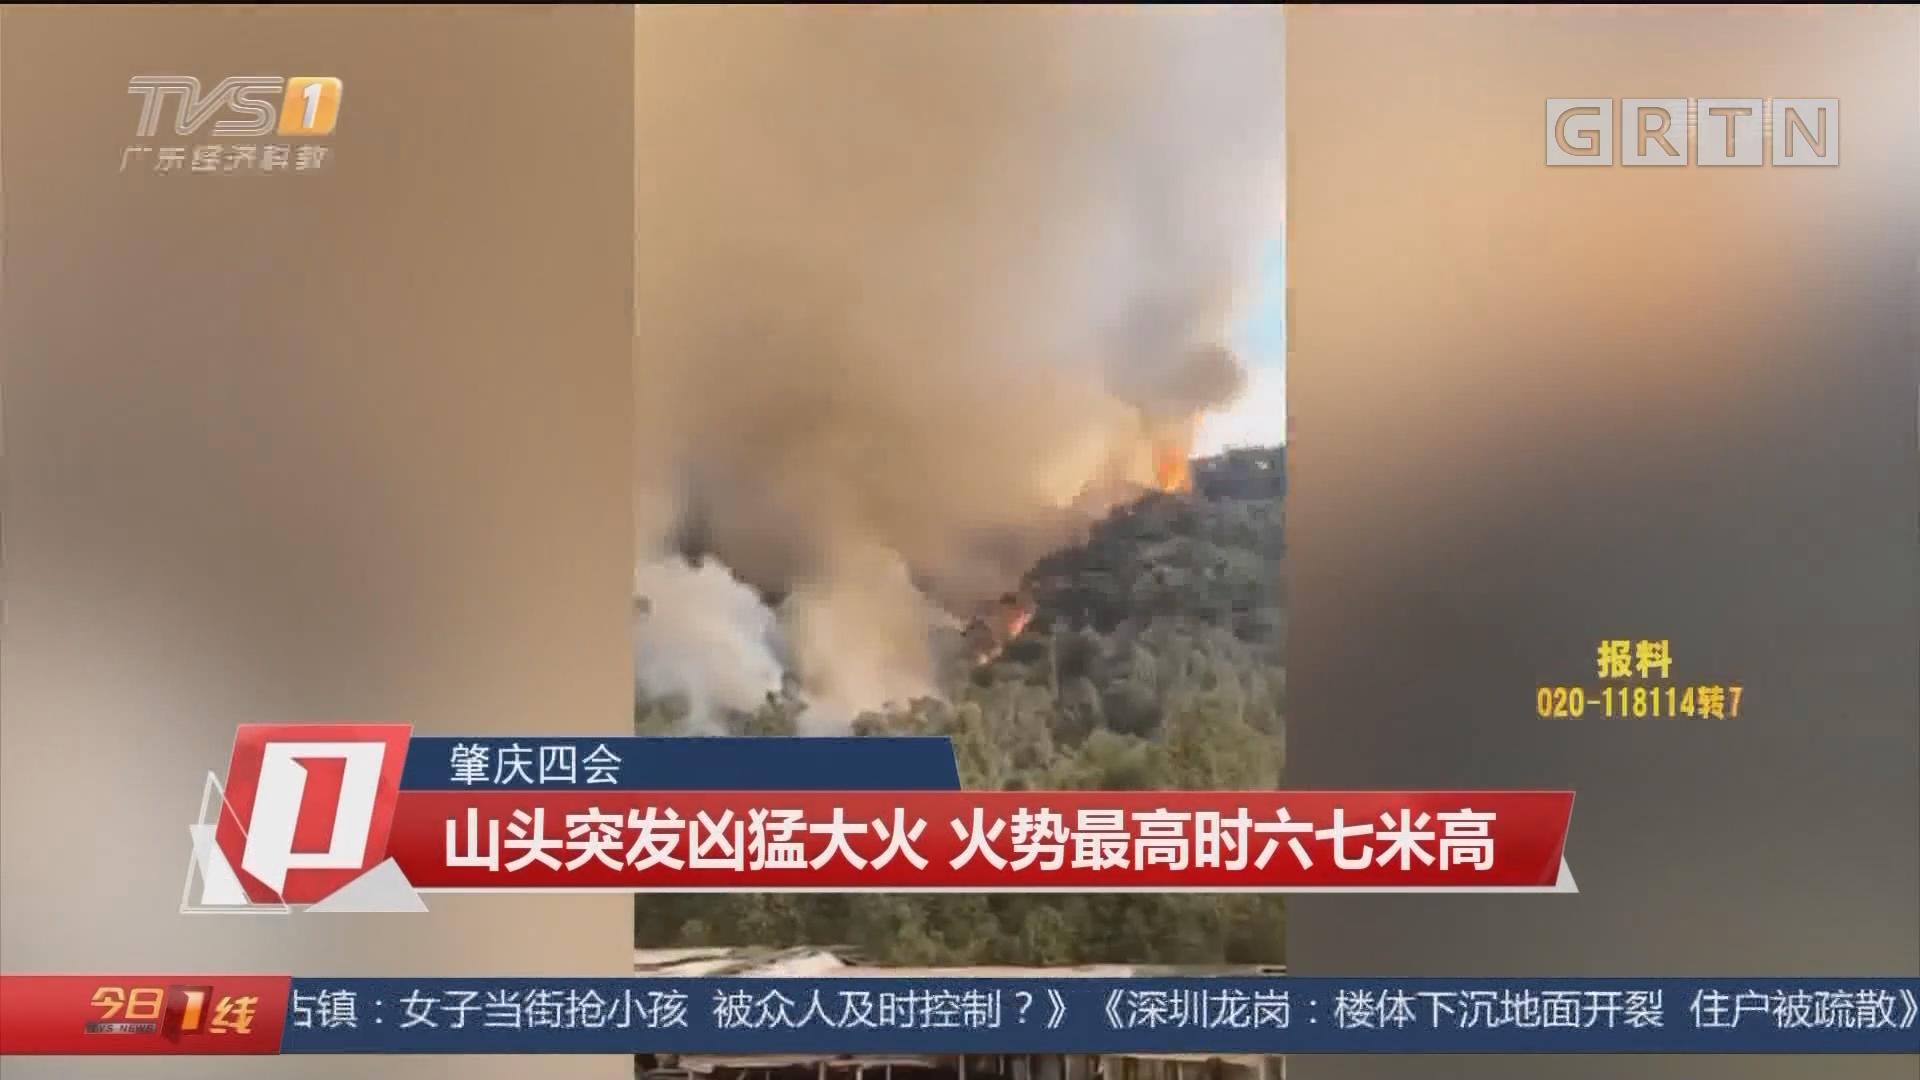 肇庆四会 山头突发凶猛大火 火势最高时六七米高